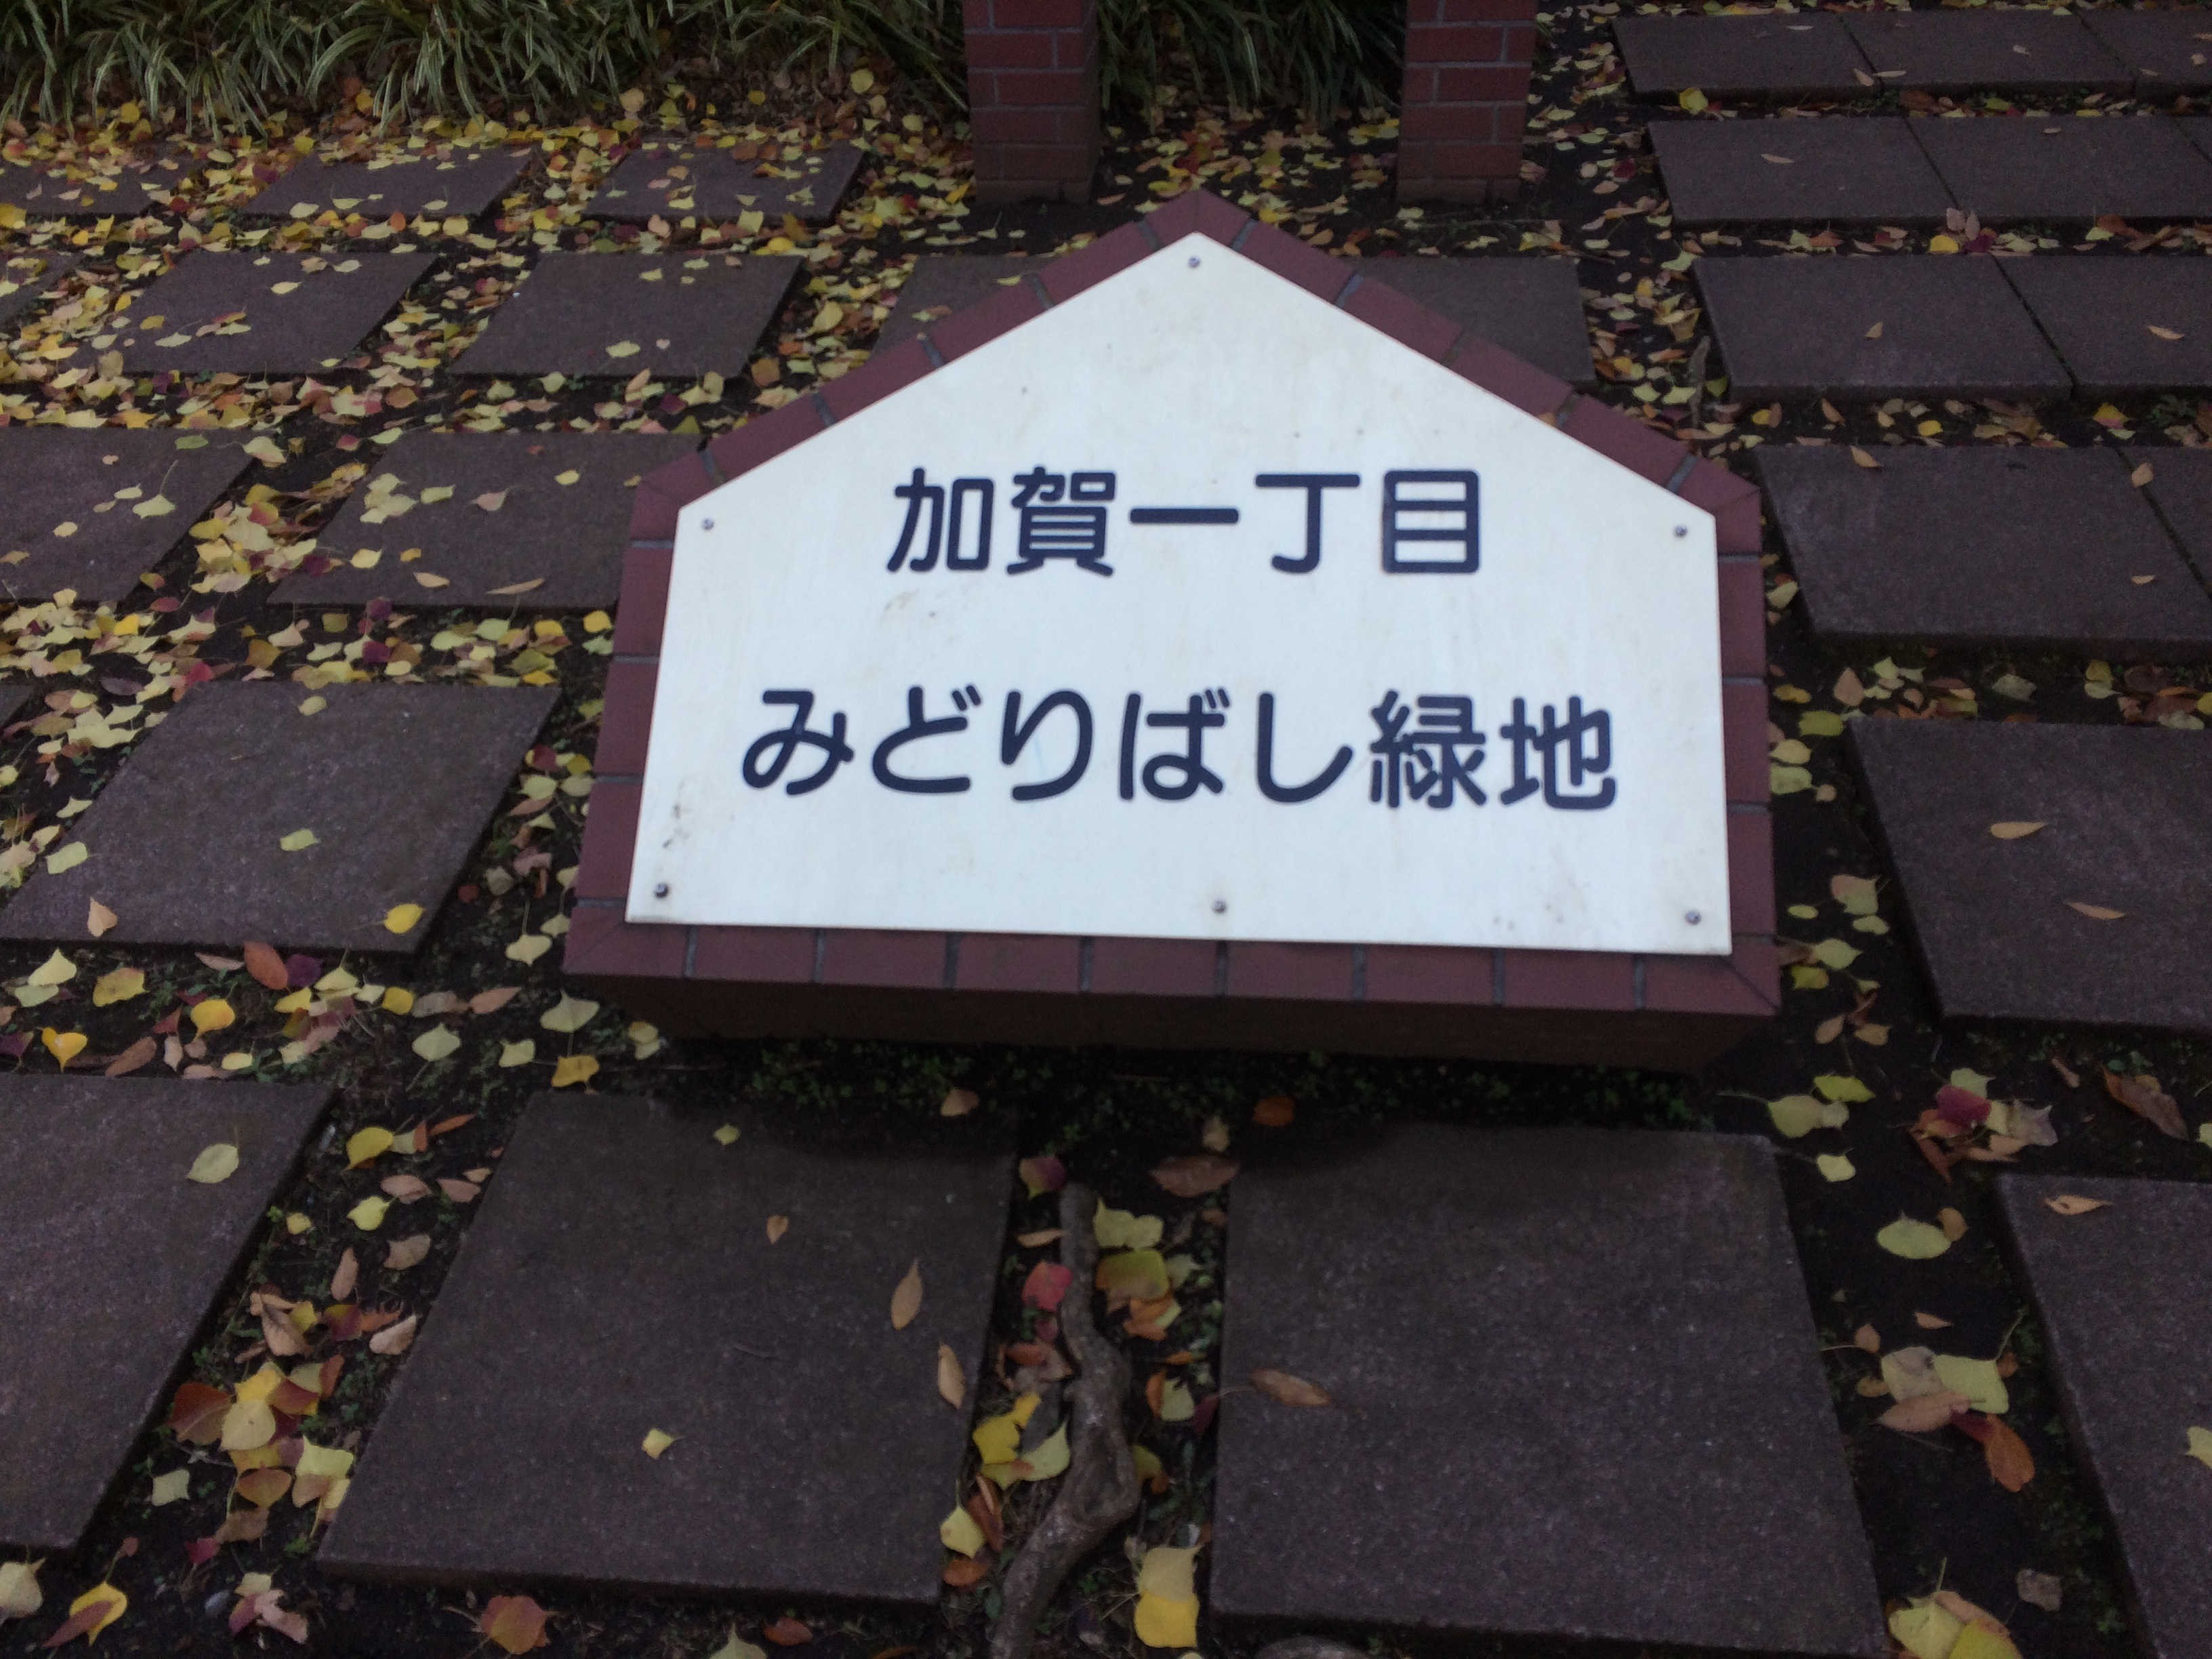 加賀一丁目みどりばし緑地